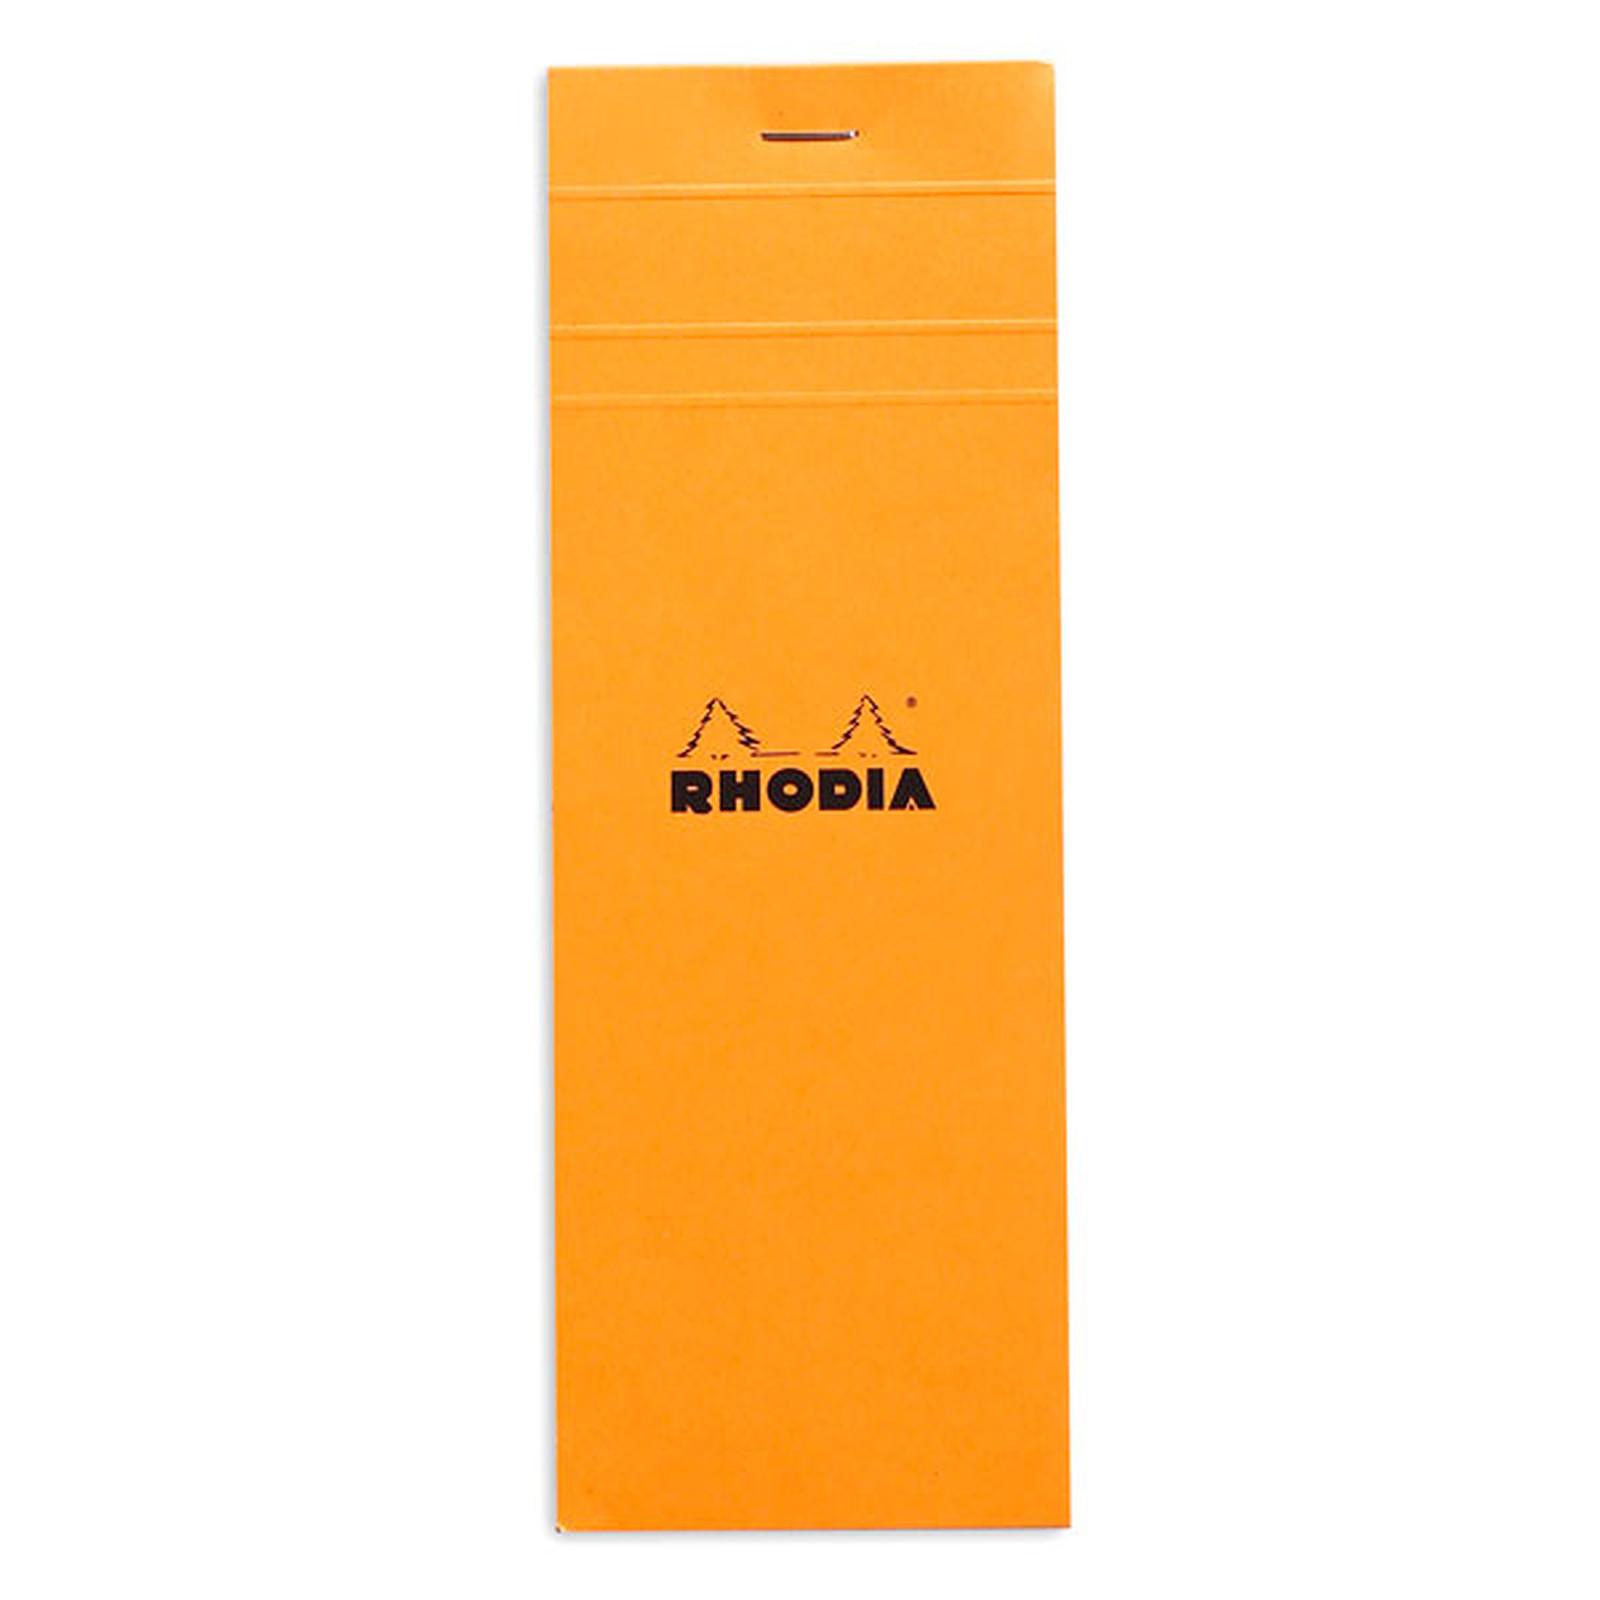 Rhodia Bloc N°8 Orange agrafé en-tête 7.4 x 21 cm petits carreaux 5 x 5 mm 80 pages